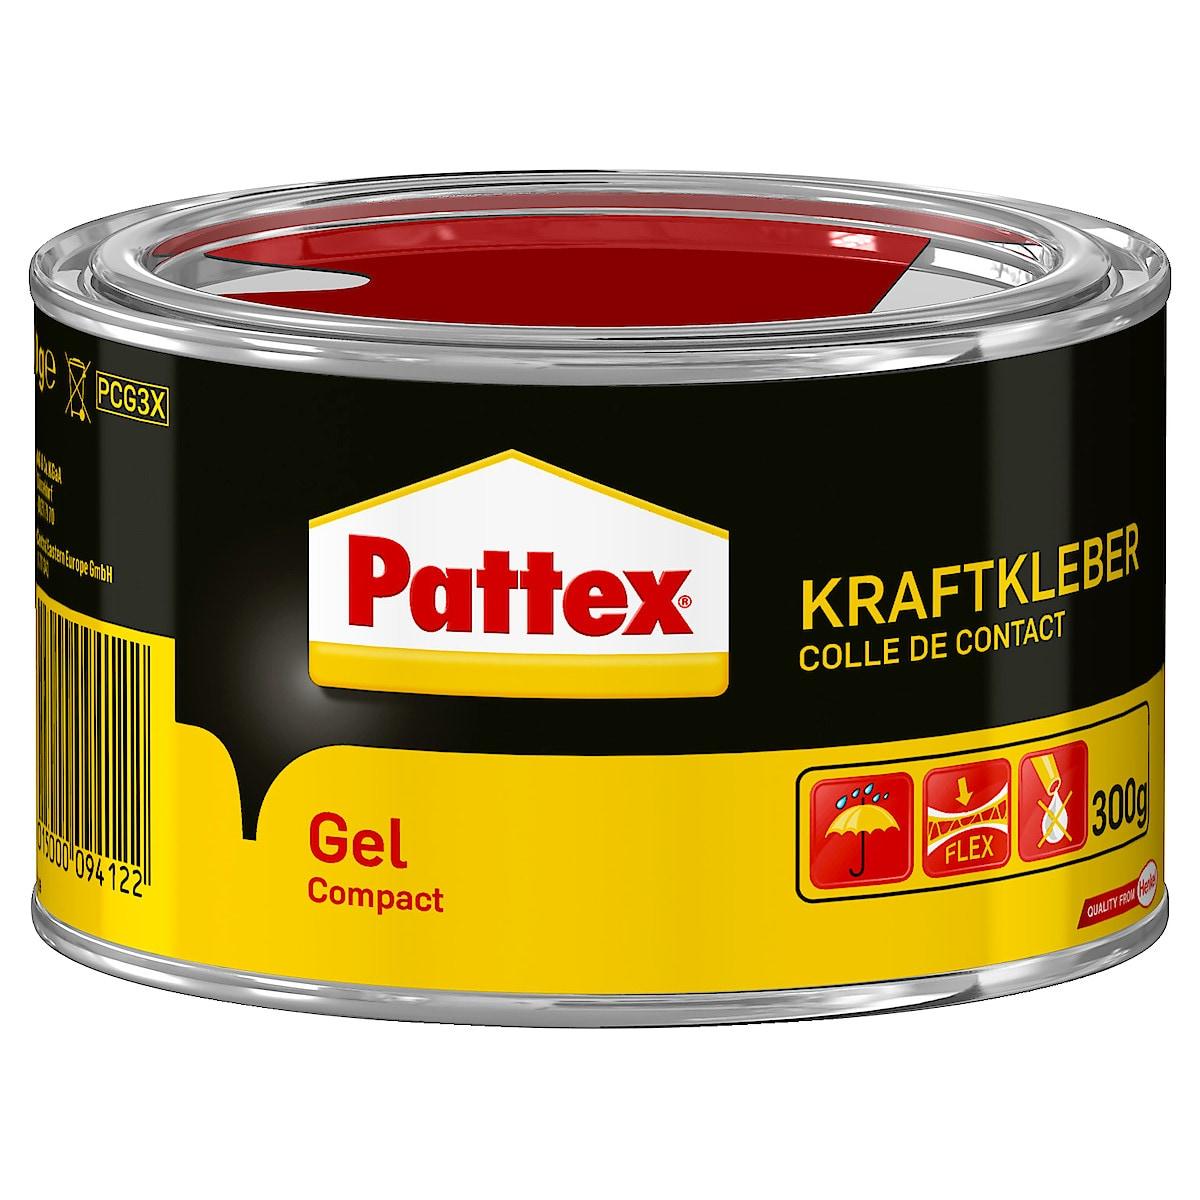 Kraftkleber Pattex Gel Compact